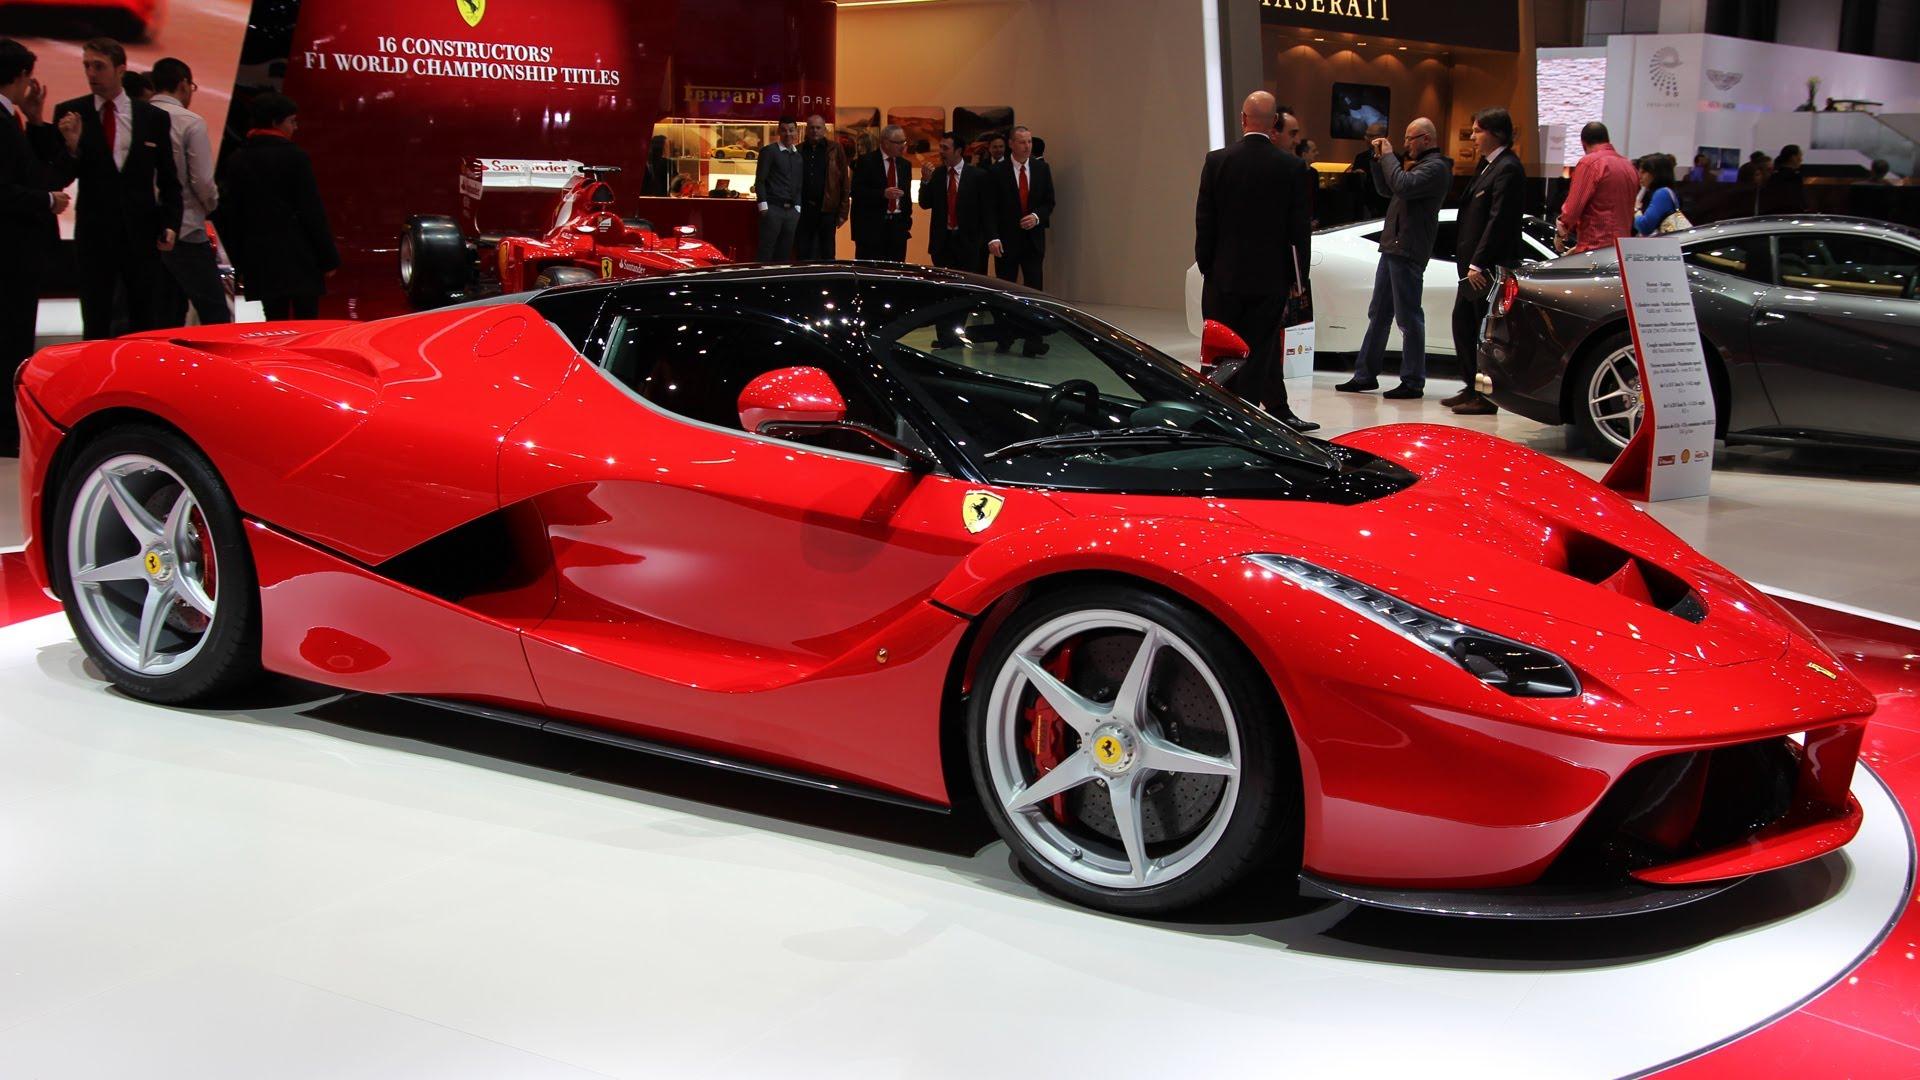 Ferrari LaFerrari 2013 - 2015 Coupe #6